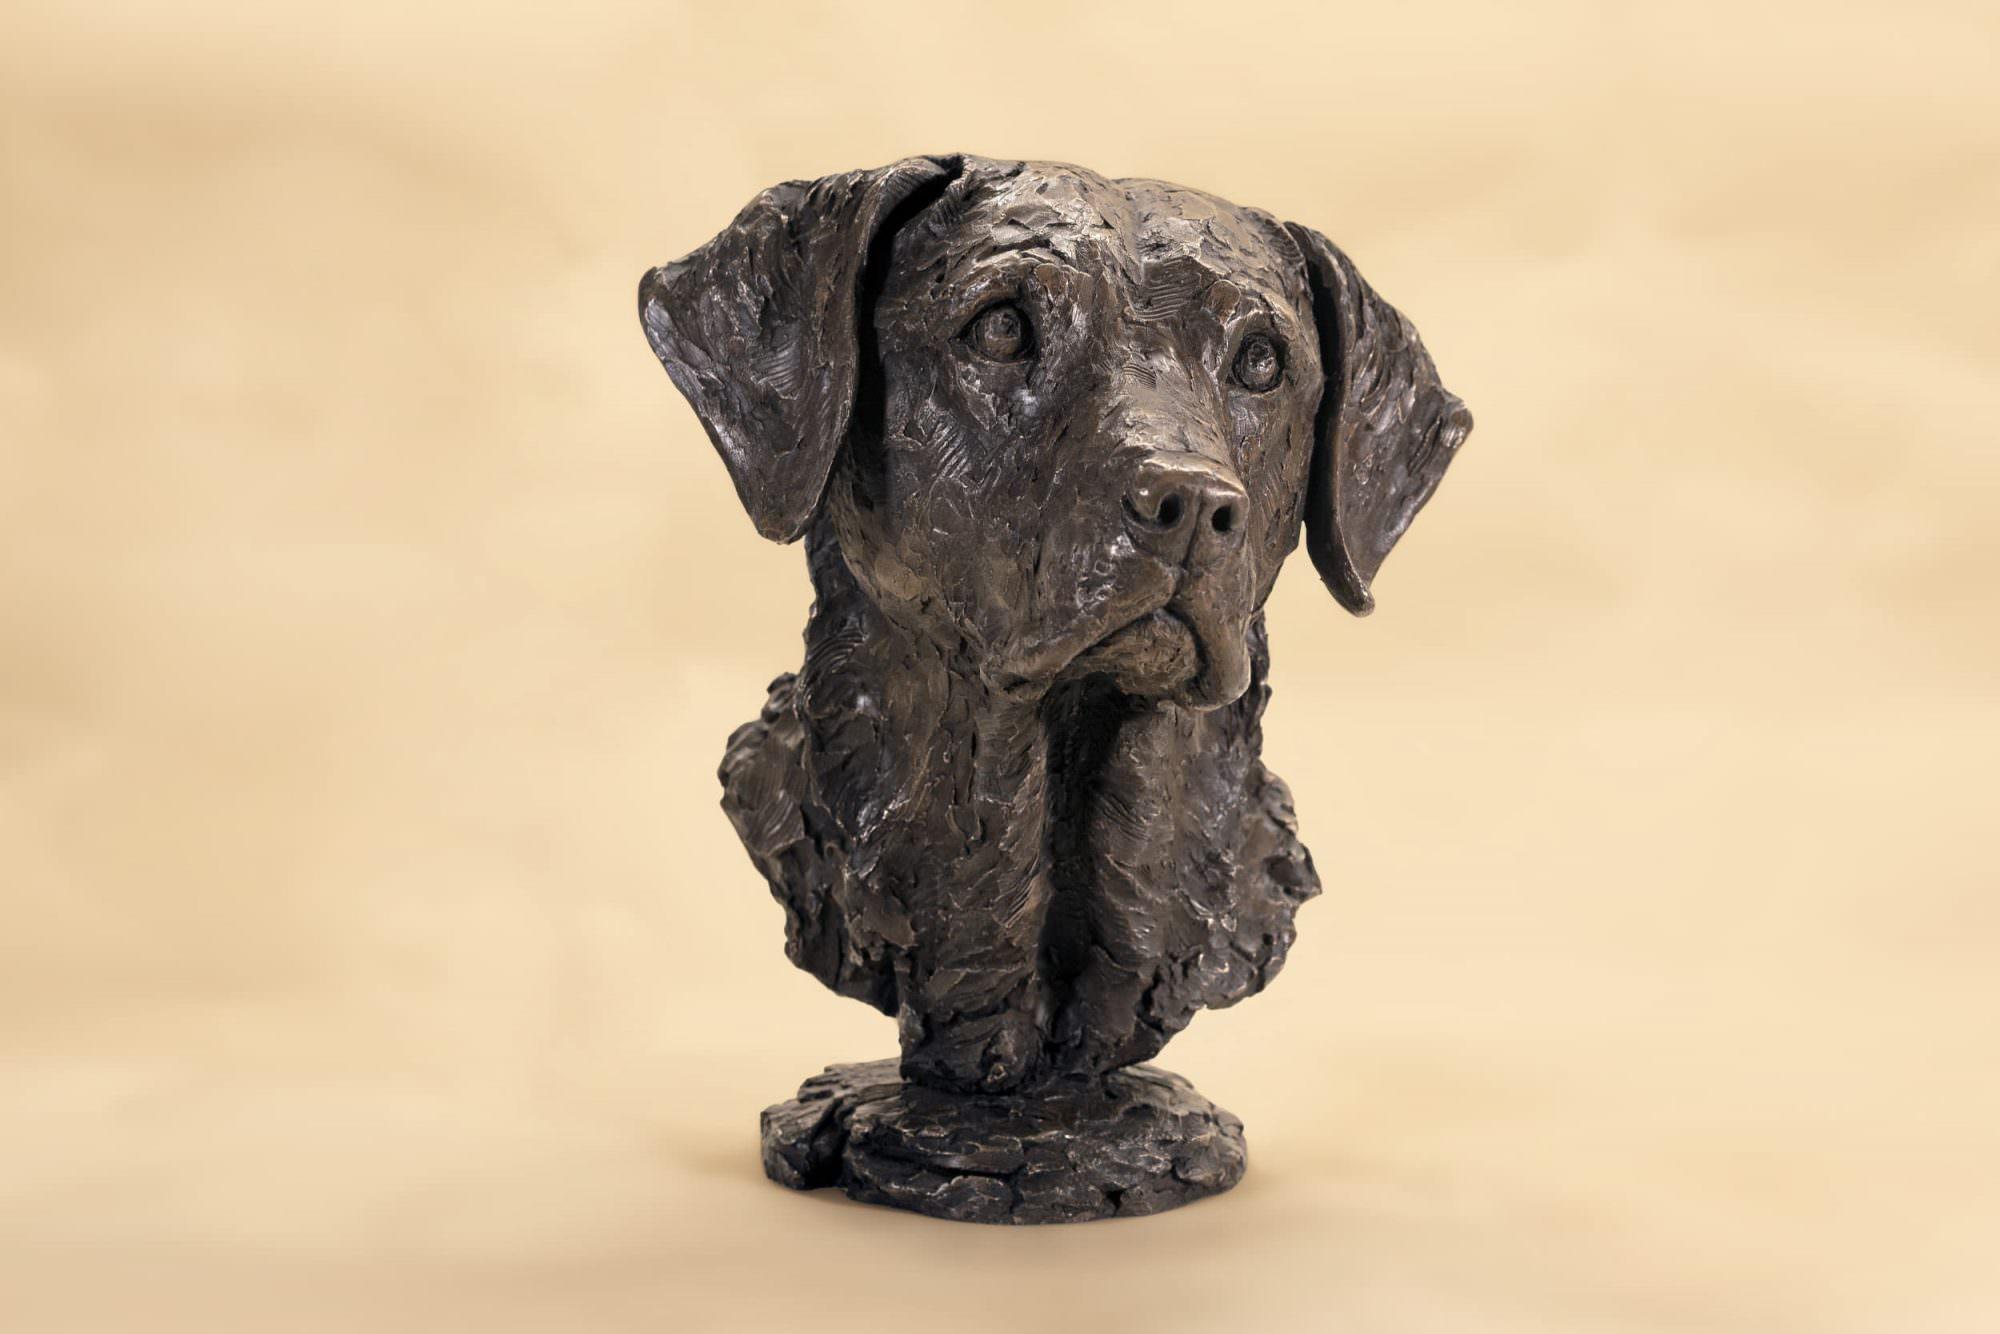 Bronze labrador portrait sculpture